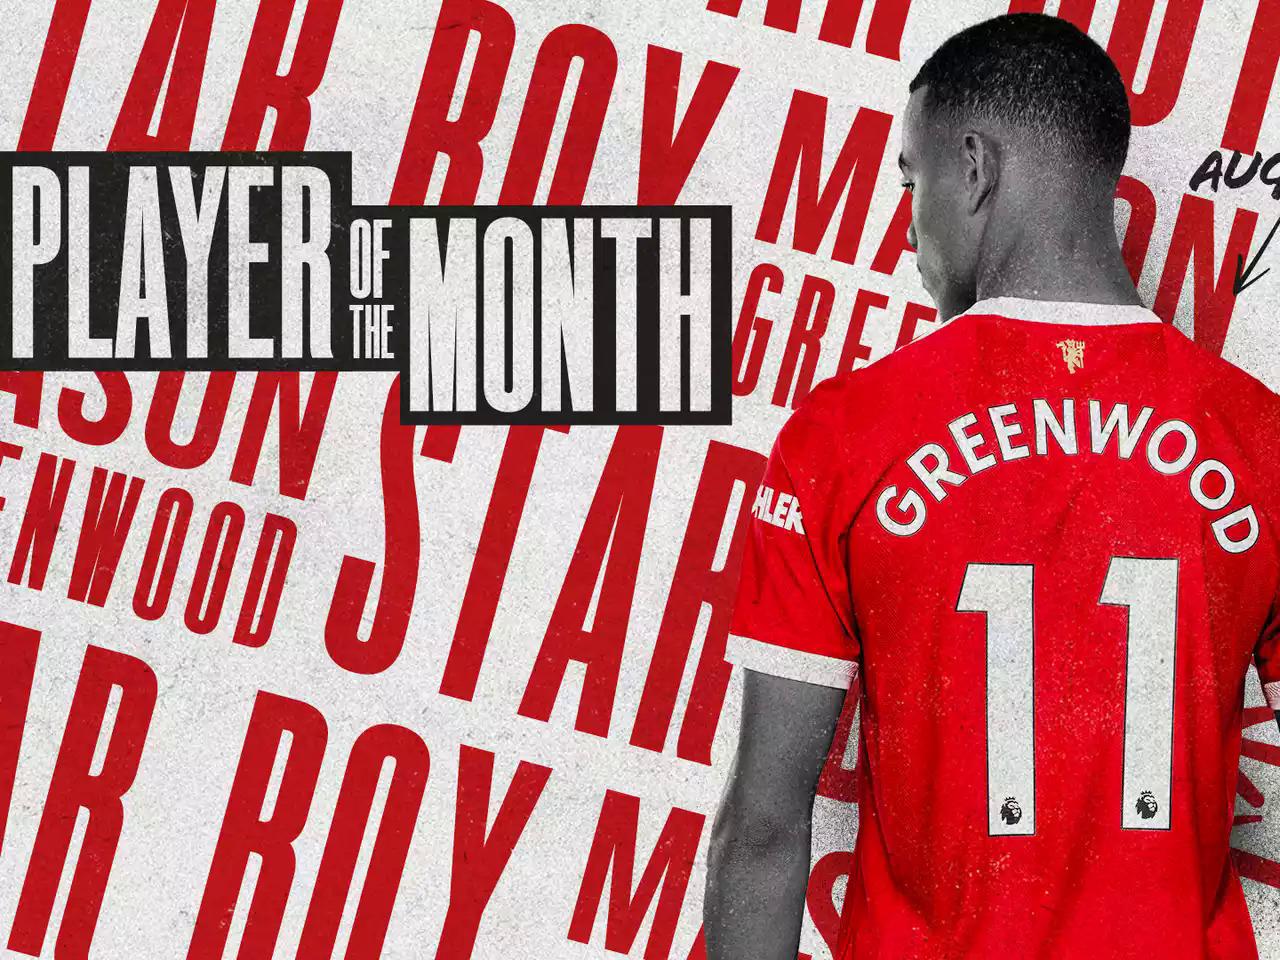 """Greenwood ได้รับการโหวตให้เป็นผู้เล่นของ Man Utd ประจำเดือน สิงหาคม  ภาพถ่าย: """"manutd.com"""""""